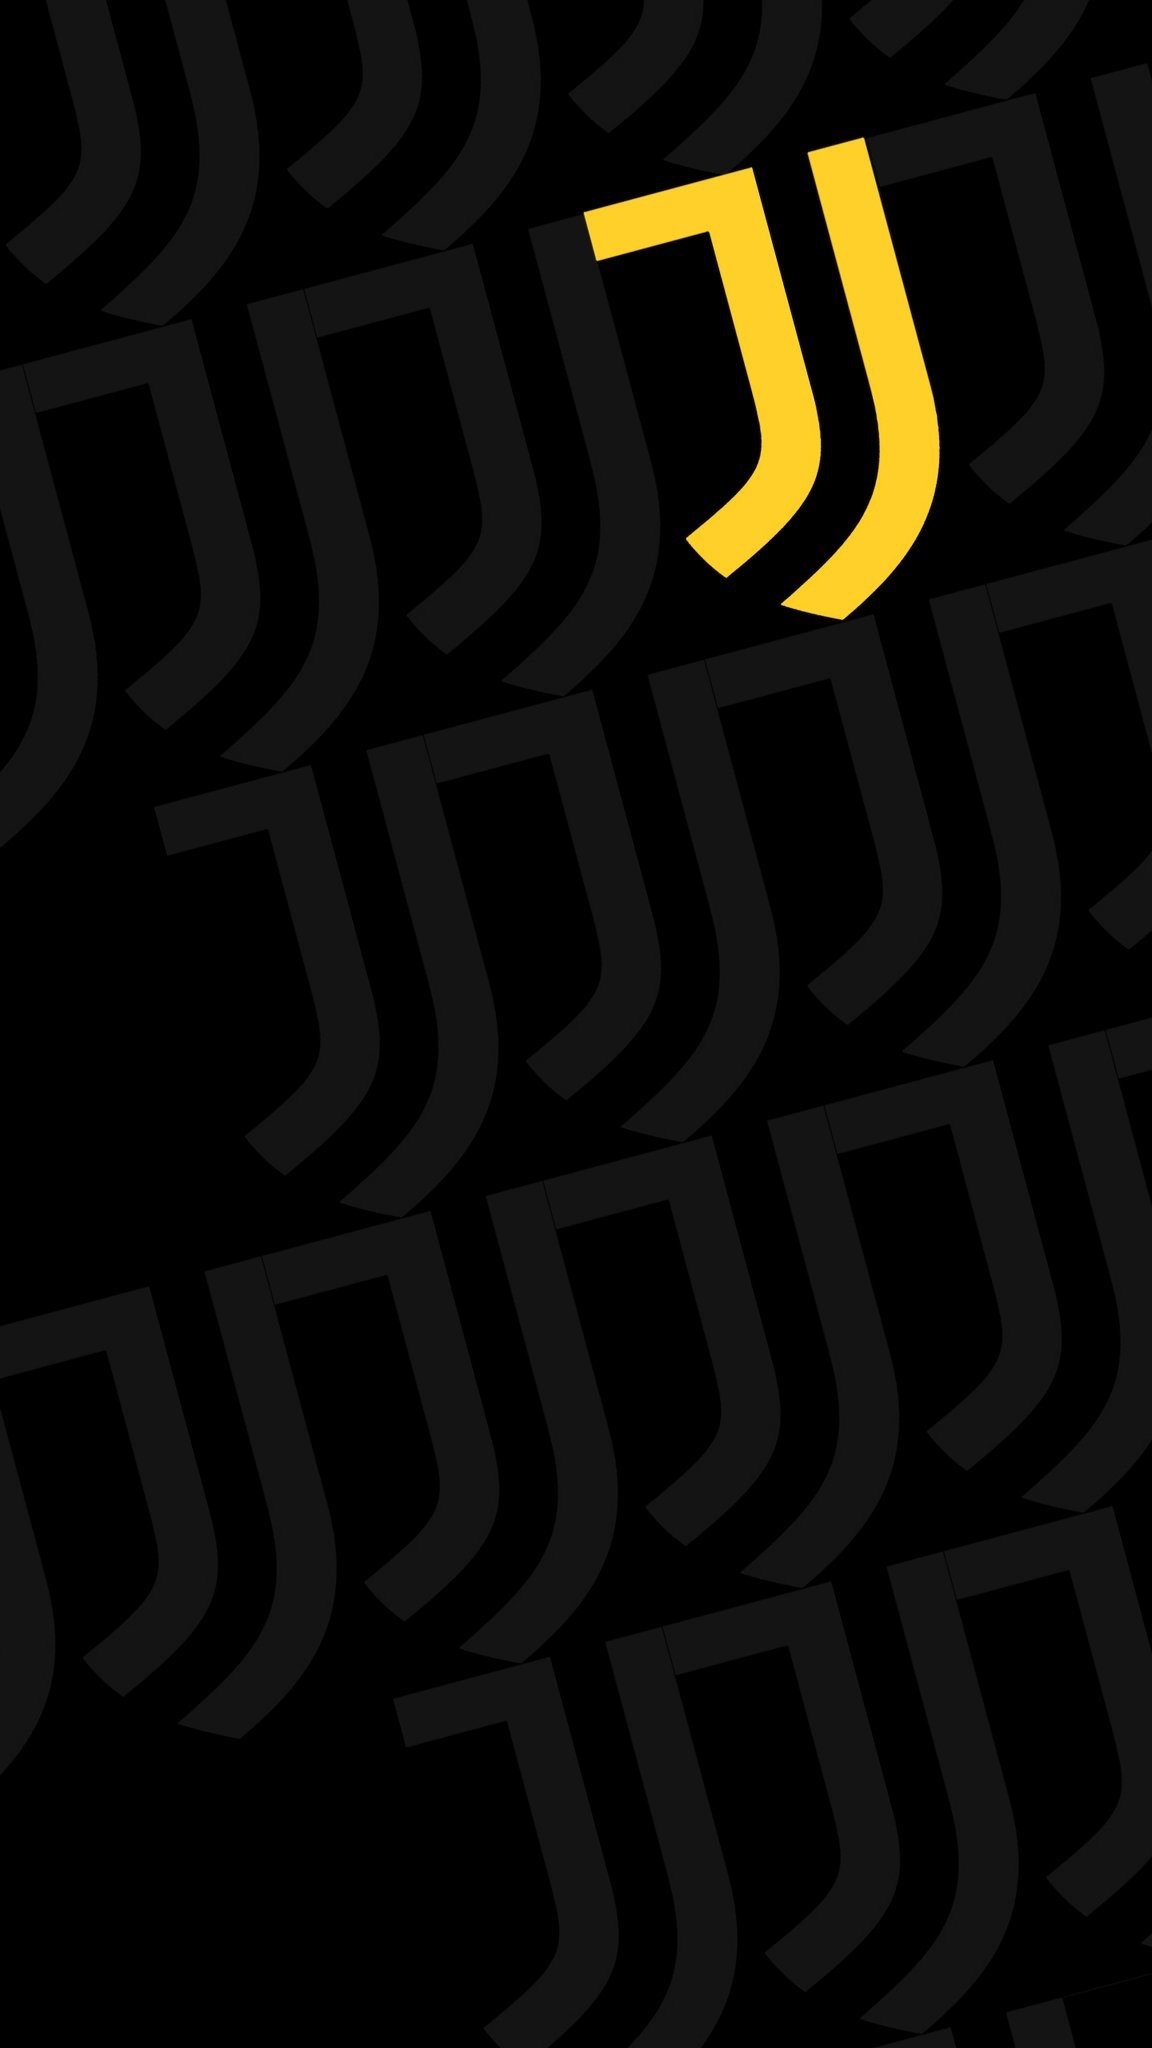 Logo Juventus Wallpaper For Iphone 7 ...